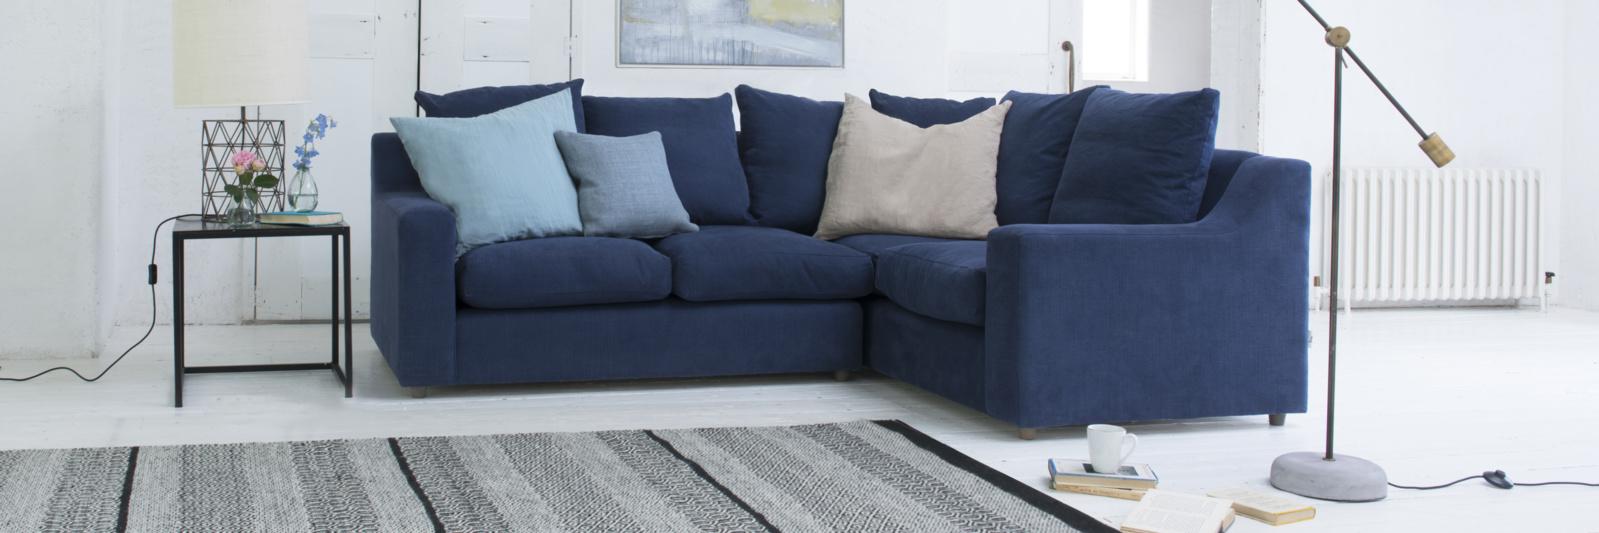 Contemporary comfy British made cloud corner sofa